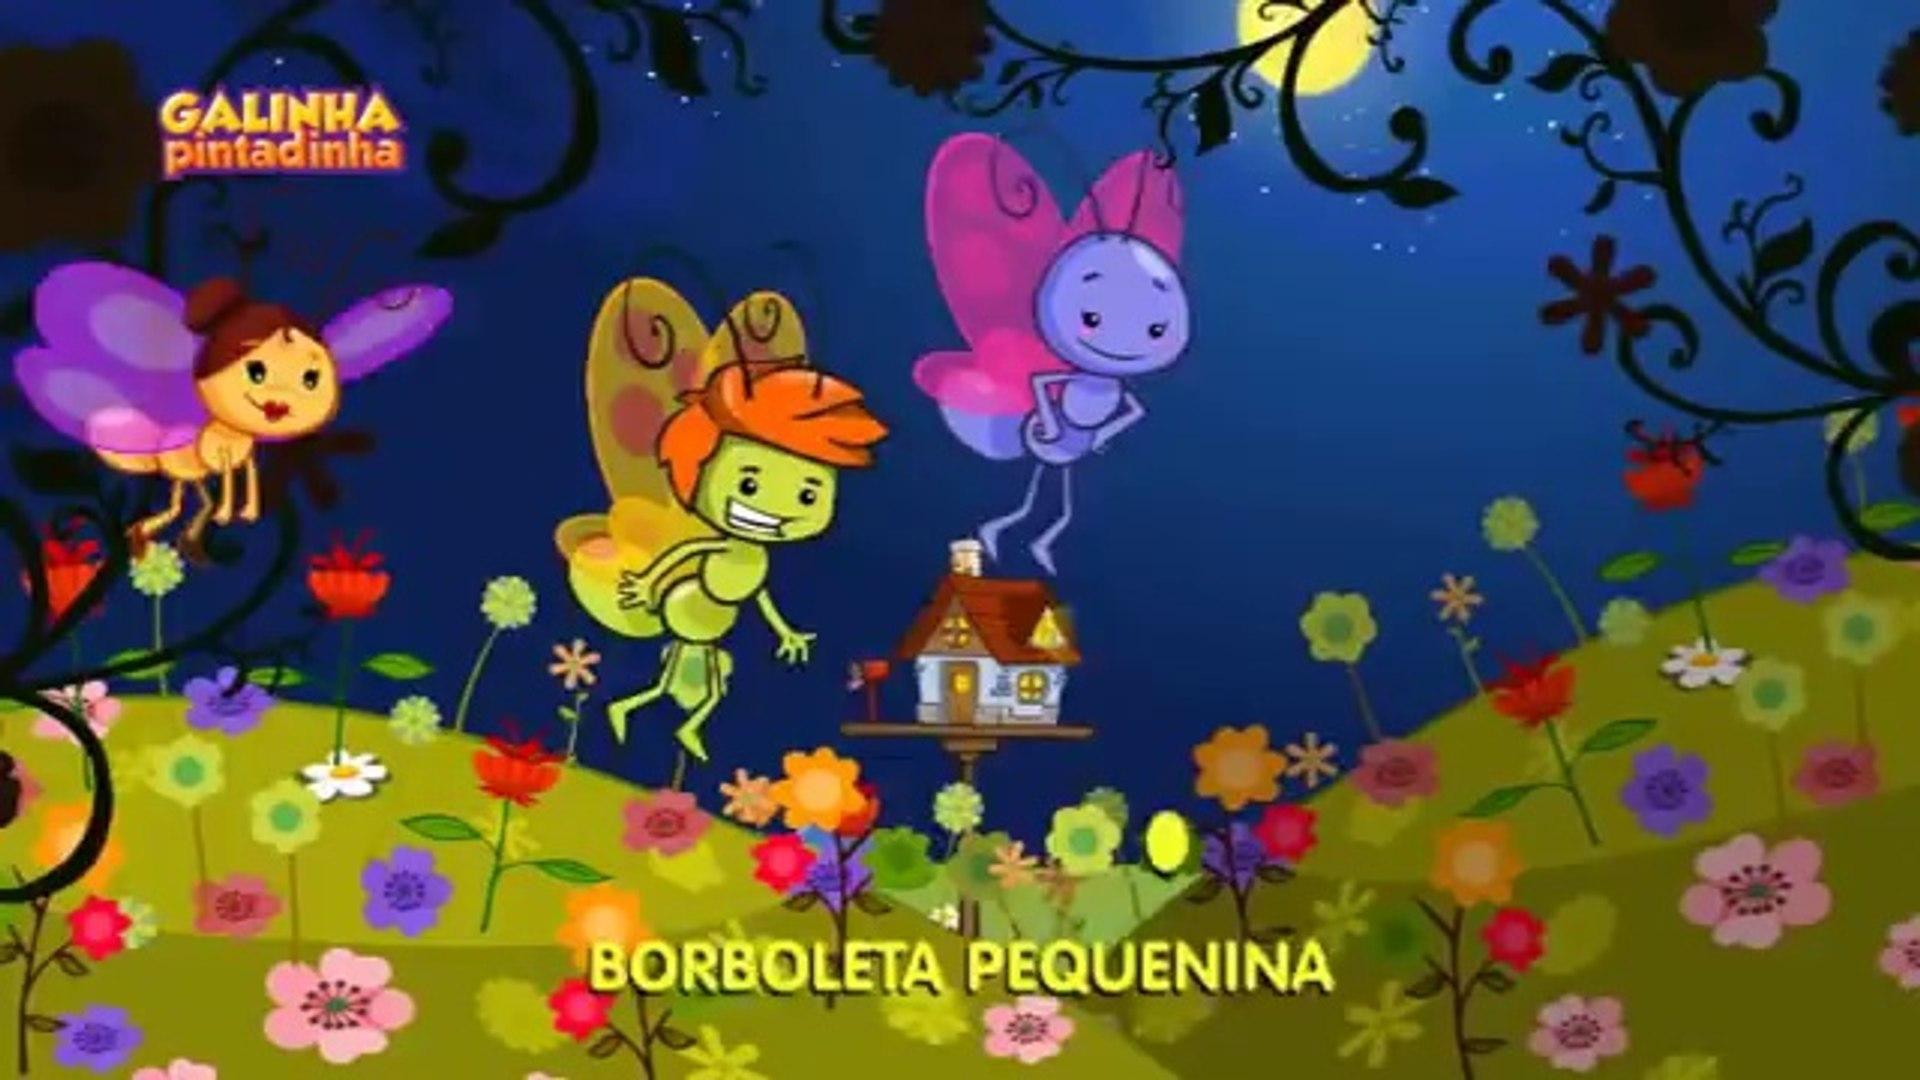 PEQUENINA BAIXAR MUSICA BORBOLETA